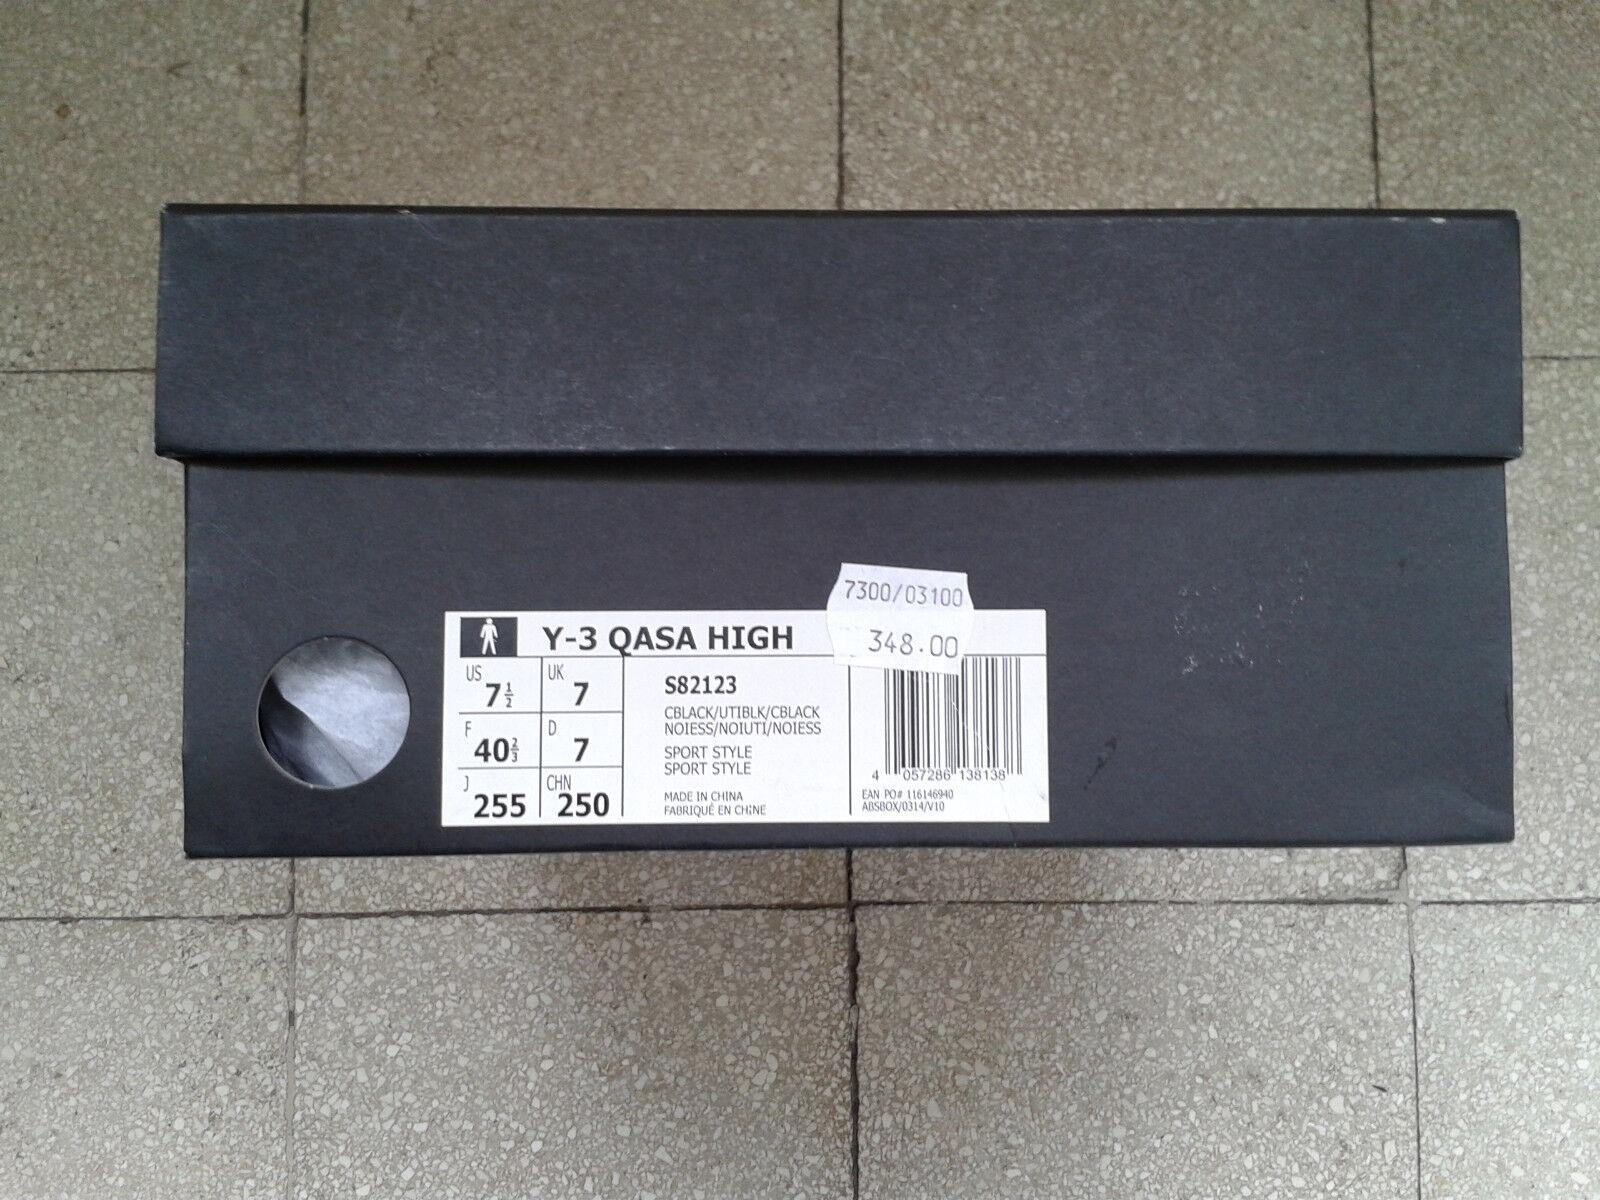 1bbb56e17 ... Adidas Y-3 Qasa High Primeknit Yamamoto S82123 nuove mai indossate  indossate indossate a0bd88